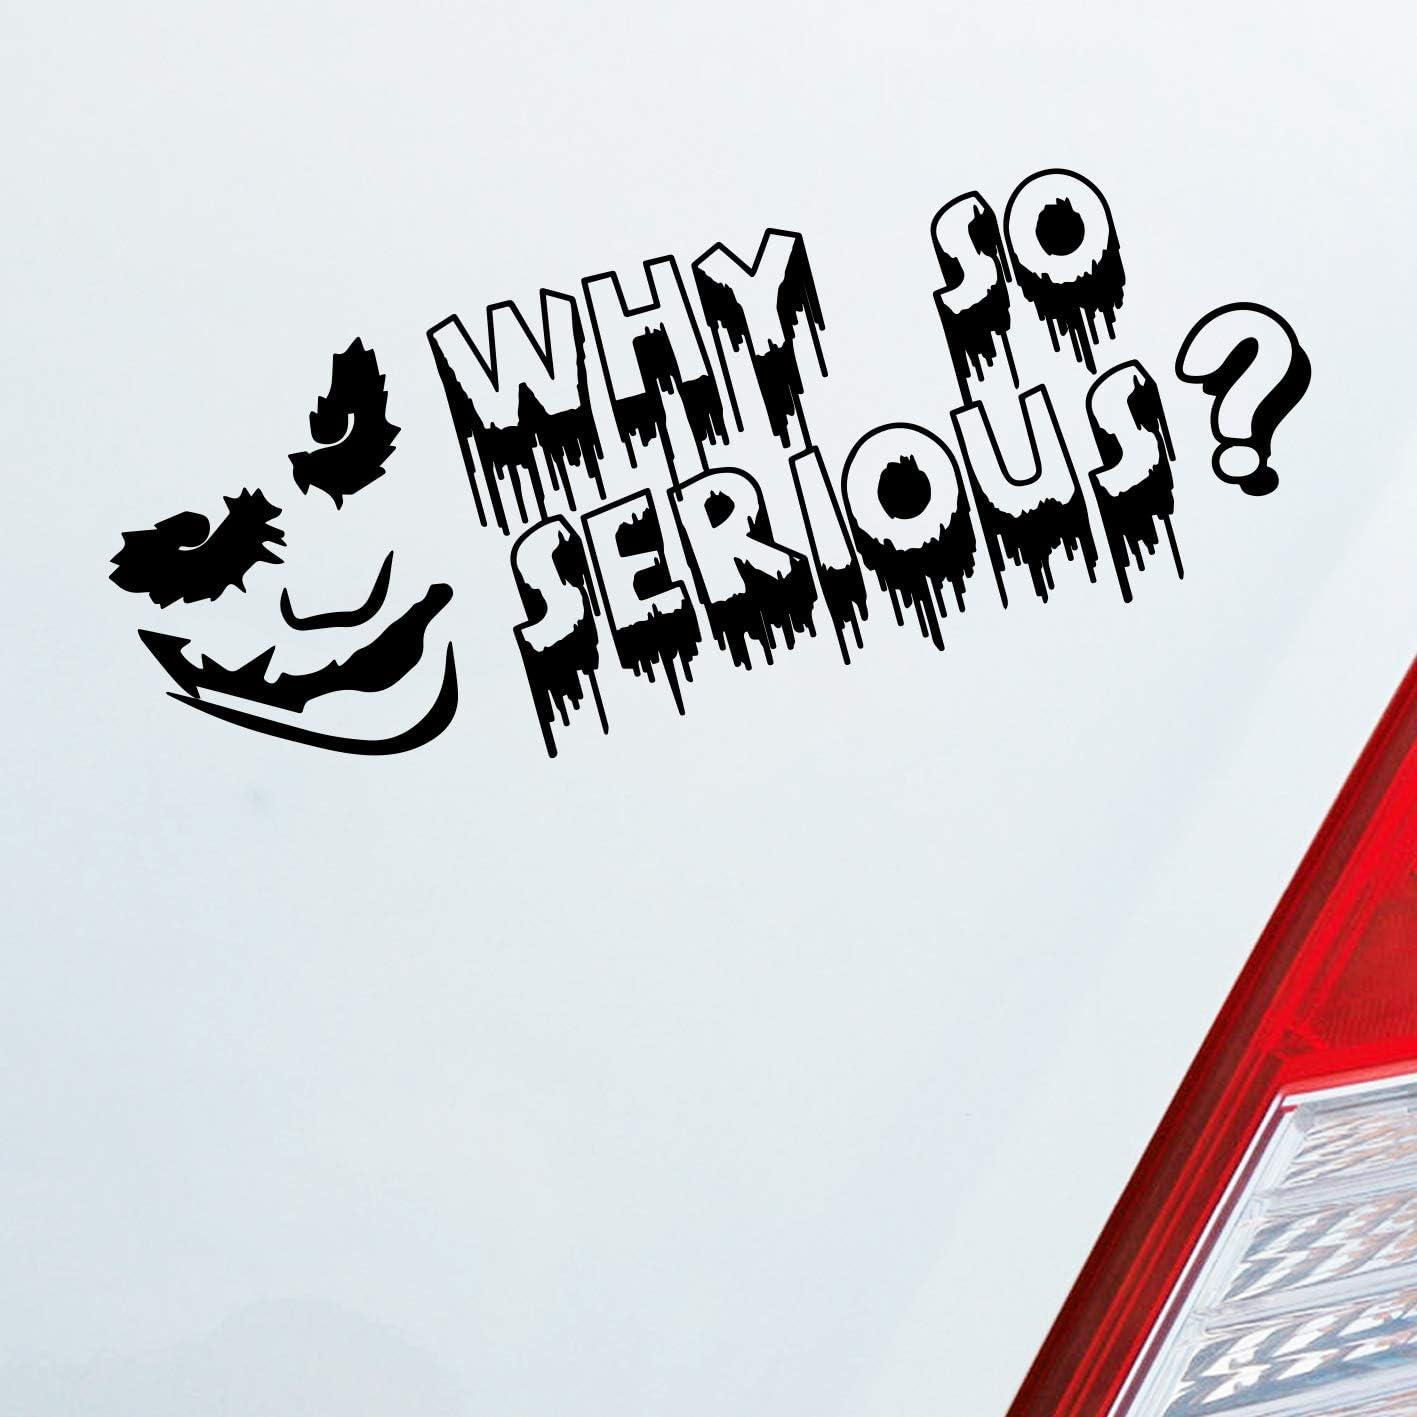 Auto Aufkleber In Deiner Wunschfarbe Why So Serious Joker Für Batman Fans Dark Knight 19x7 Cm Autoaufkleber Sticker Auto